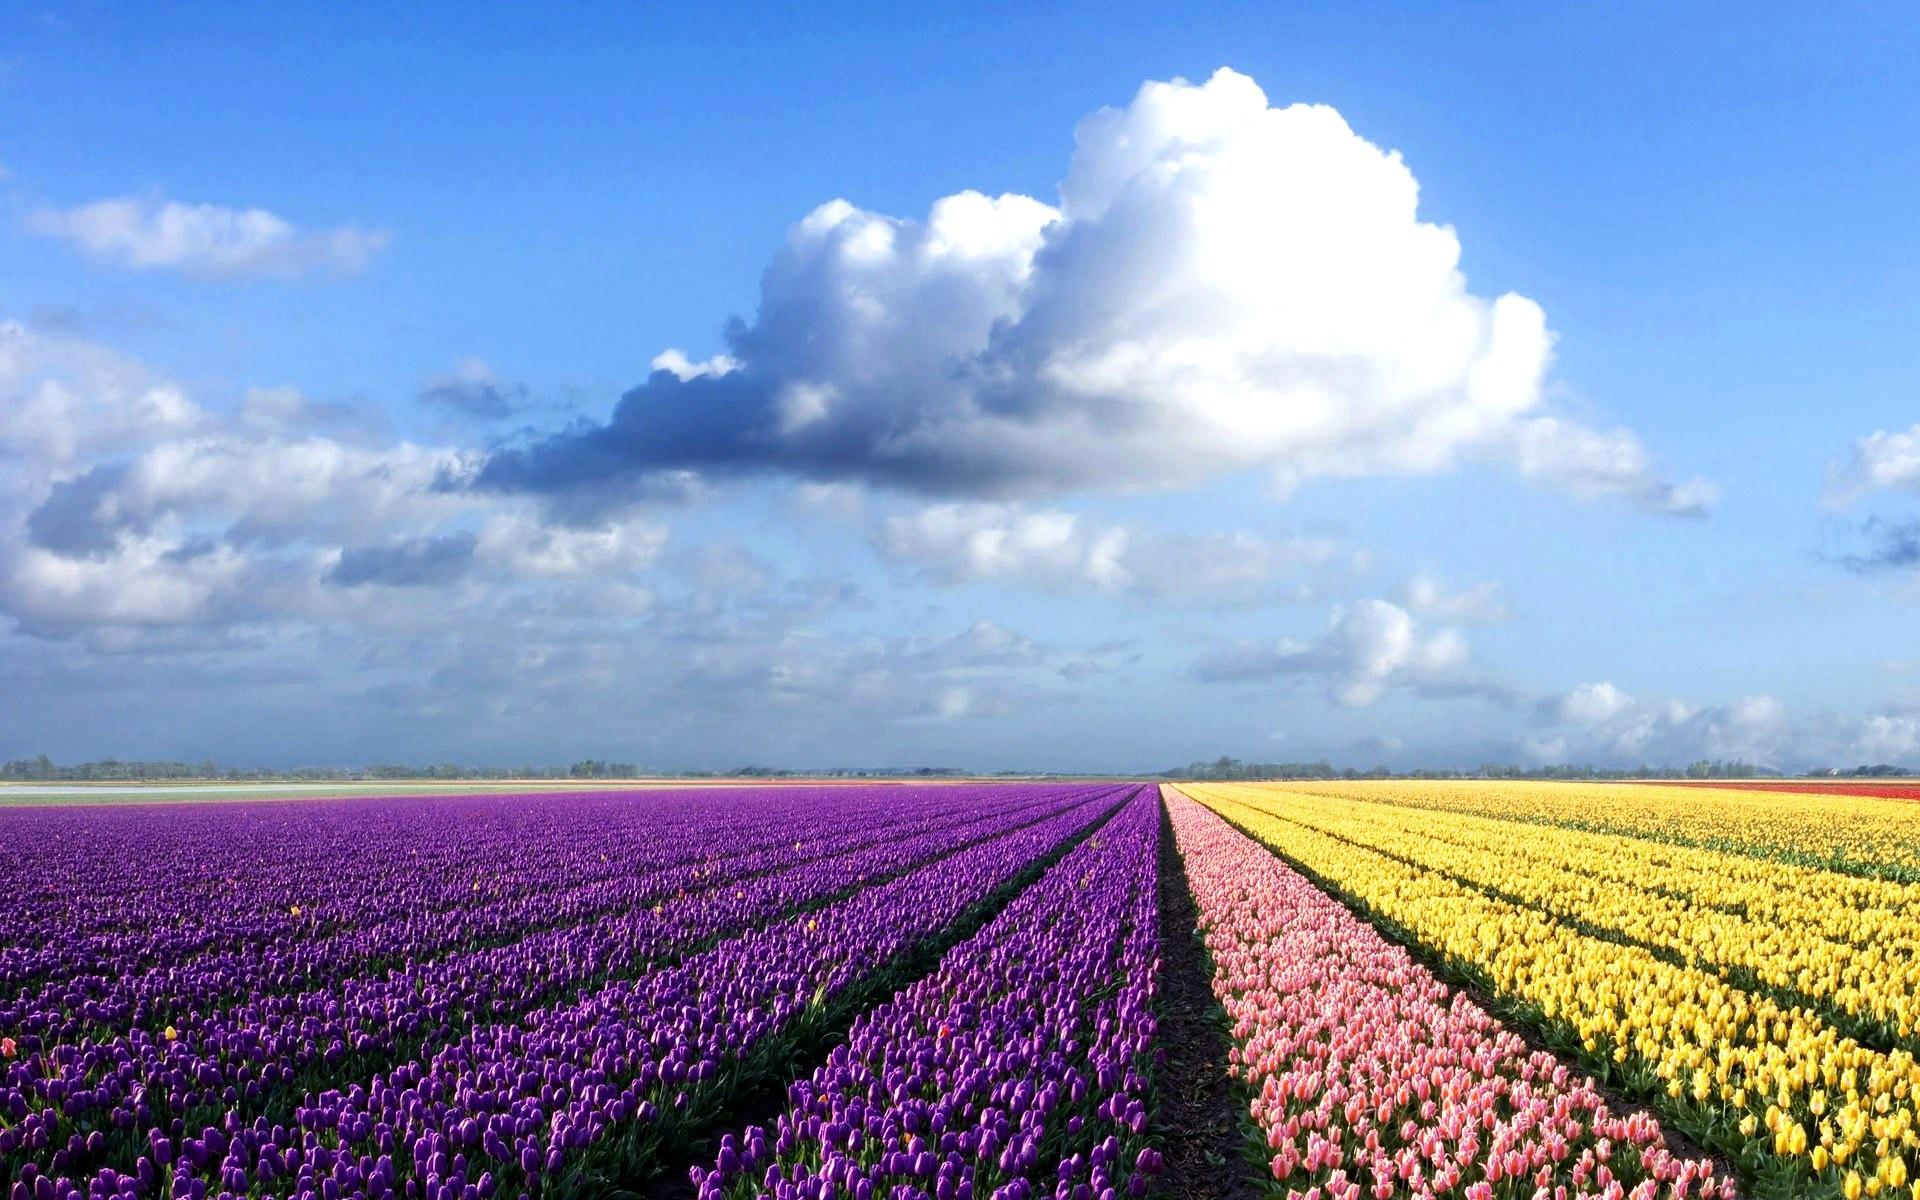 在北海道一个蓝色的天空下的照片flowerfield预览 10wallpaper Com